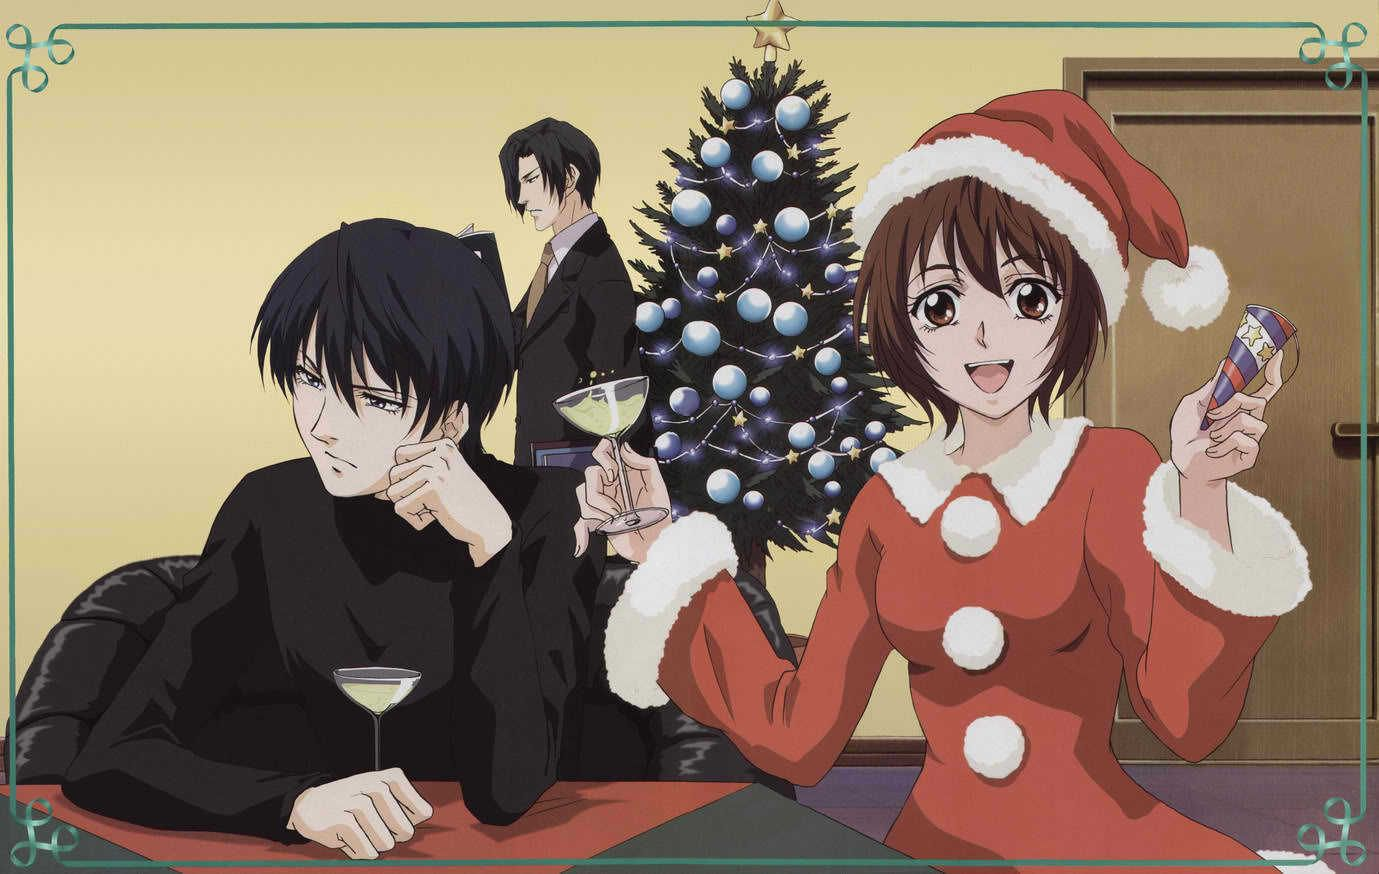 Christmas ghost hunt anime anime christmas ghost hunting